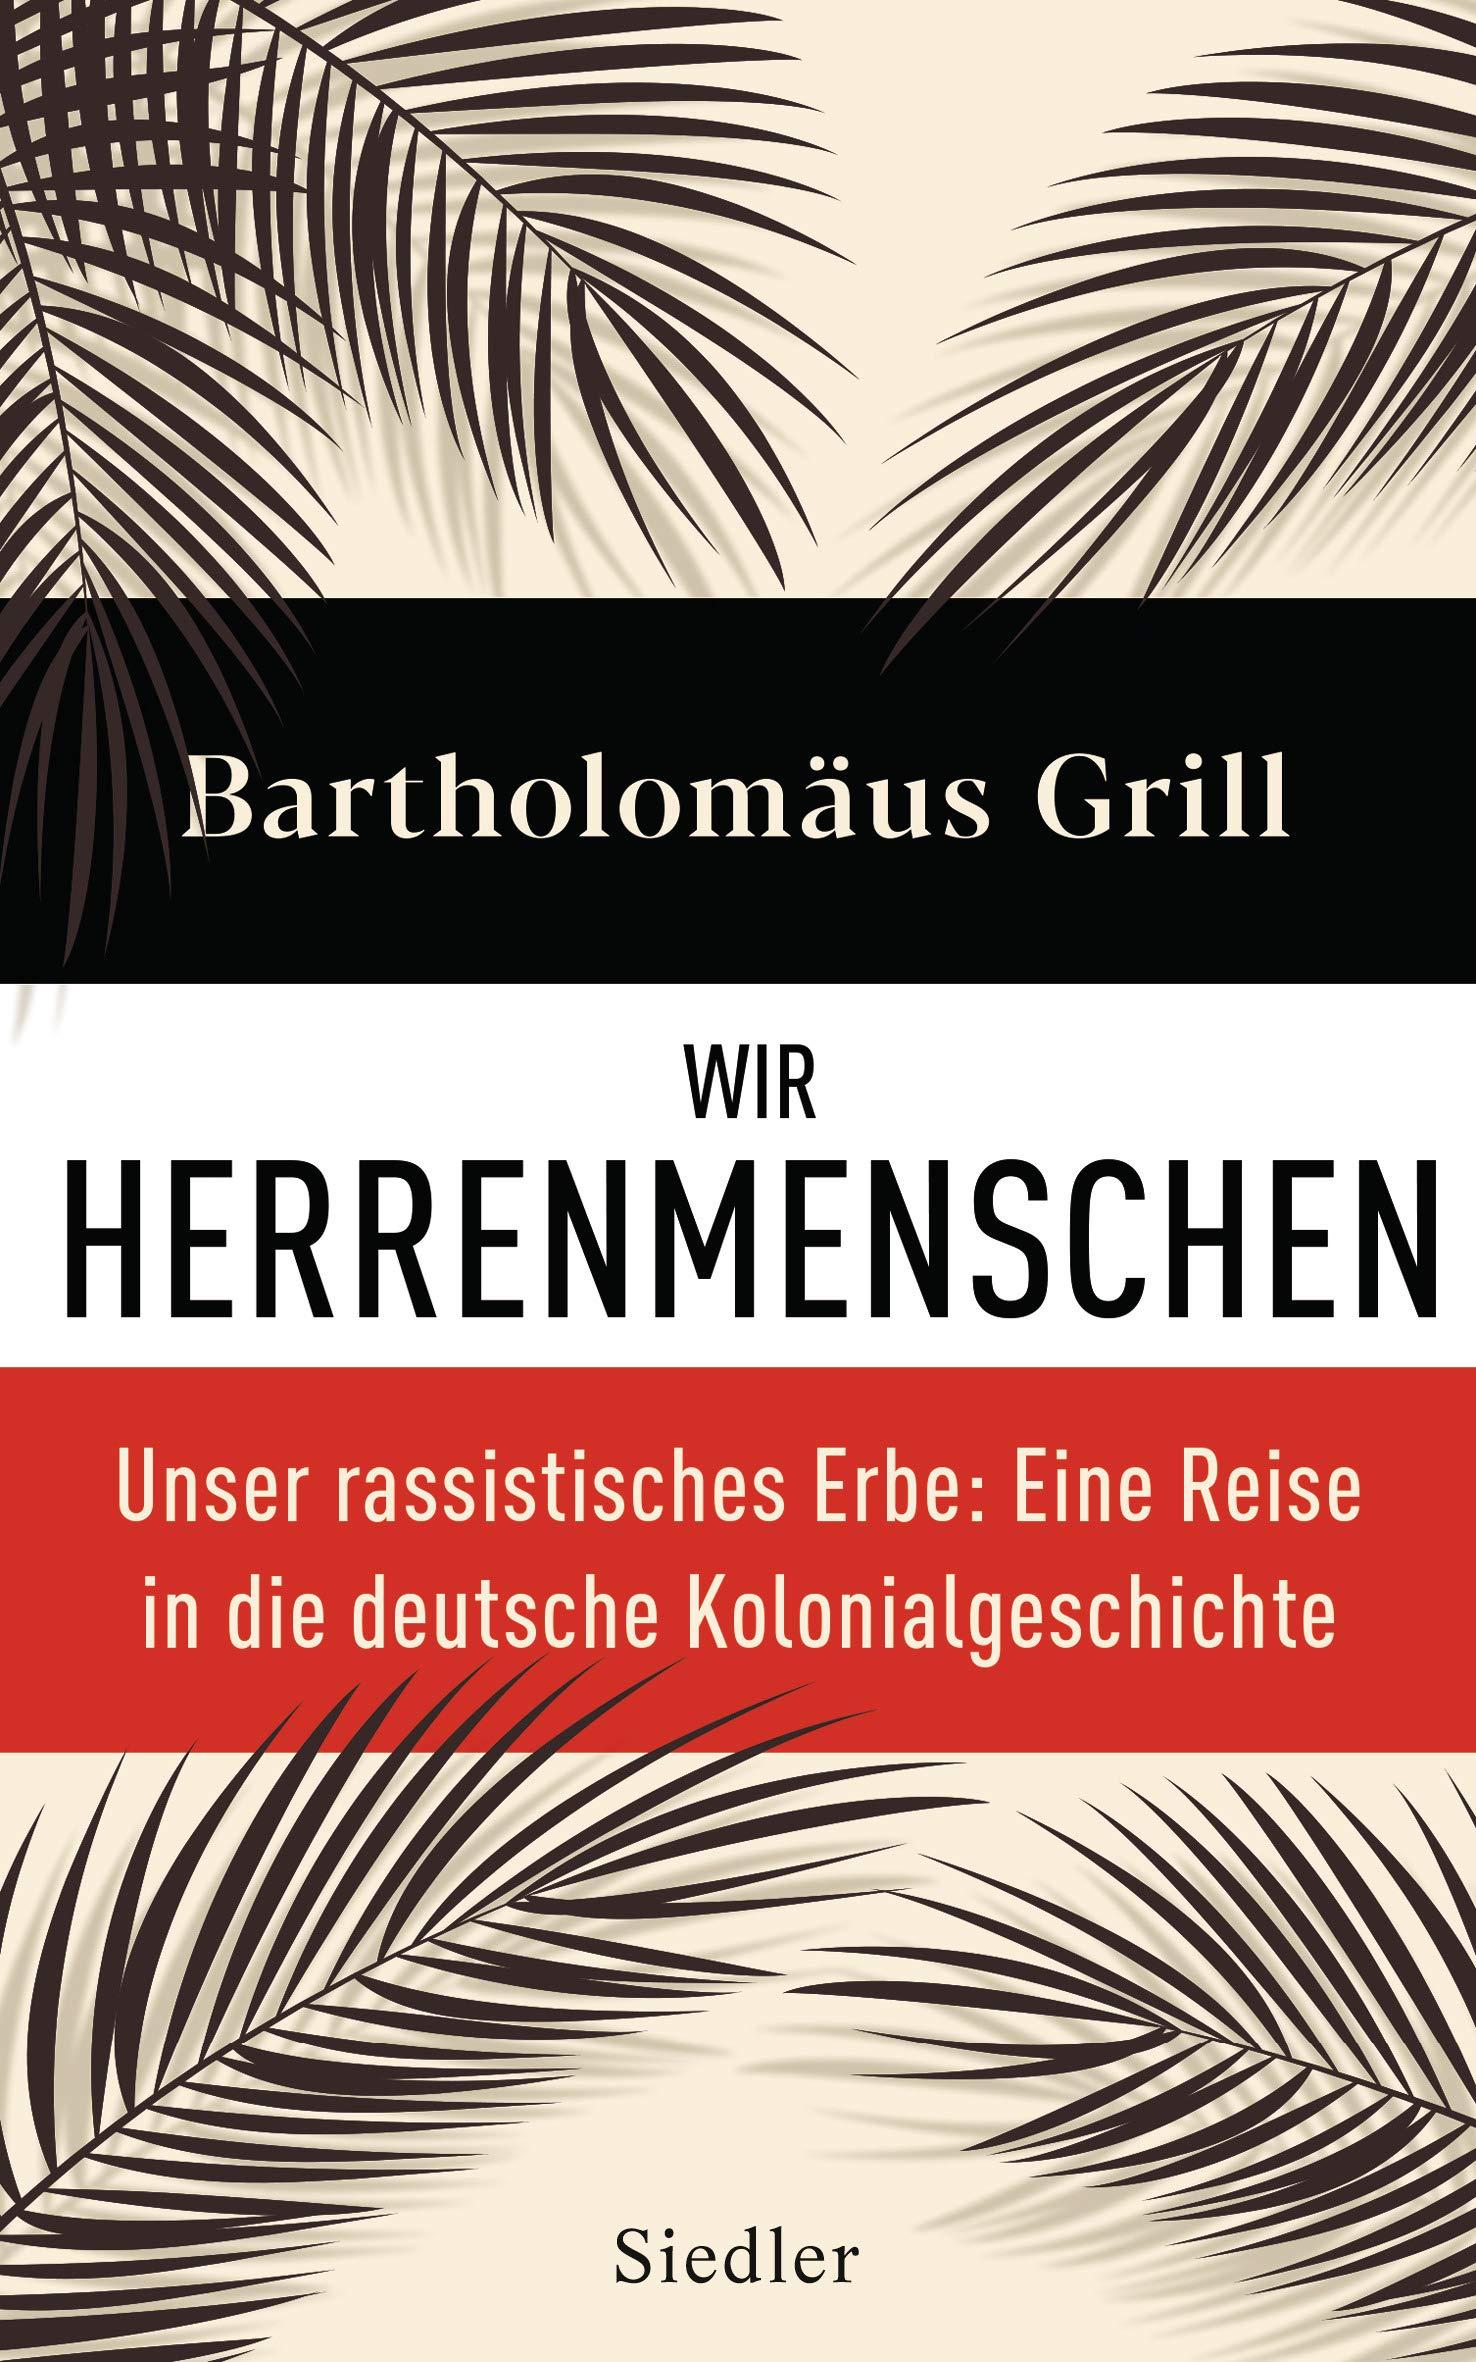 """Bildergebnis für fotos vom sachbuch """"Wir Herrenmenschen - Unser rassistisches Erbe: Eine Reise in die deutsche Kolonialgeschichte"""" von Bartholomäus Grill"""